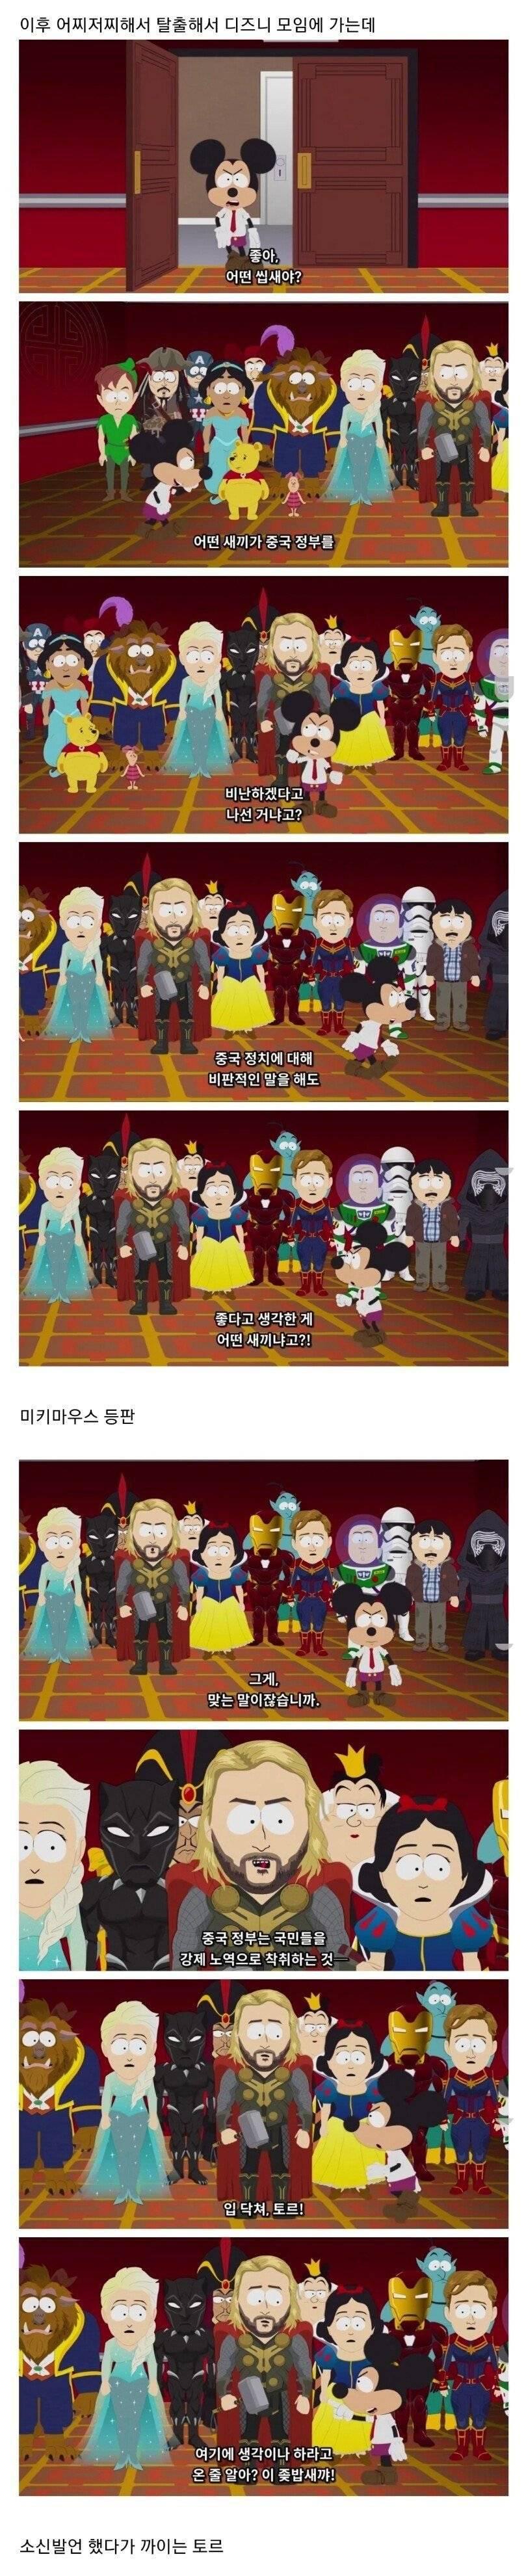 중국 빡돌게 만든 사우스파크의 에피소드 내용.jpg   인스티즈